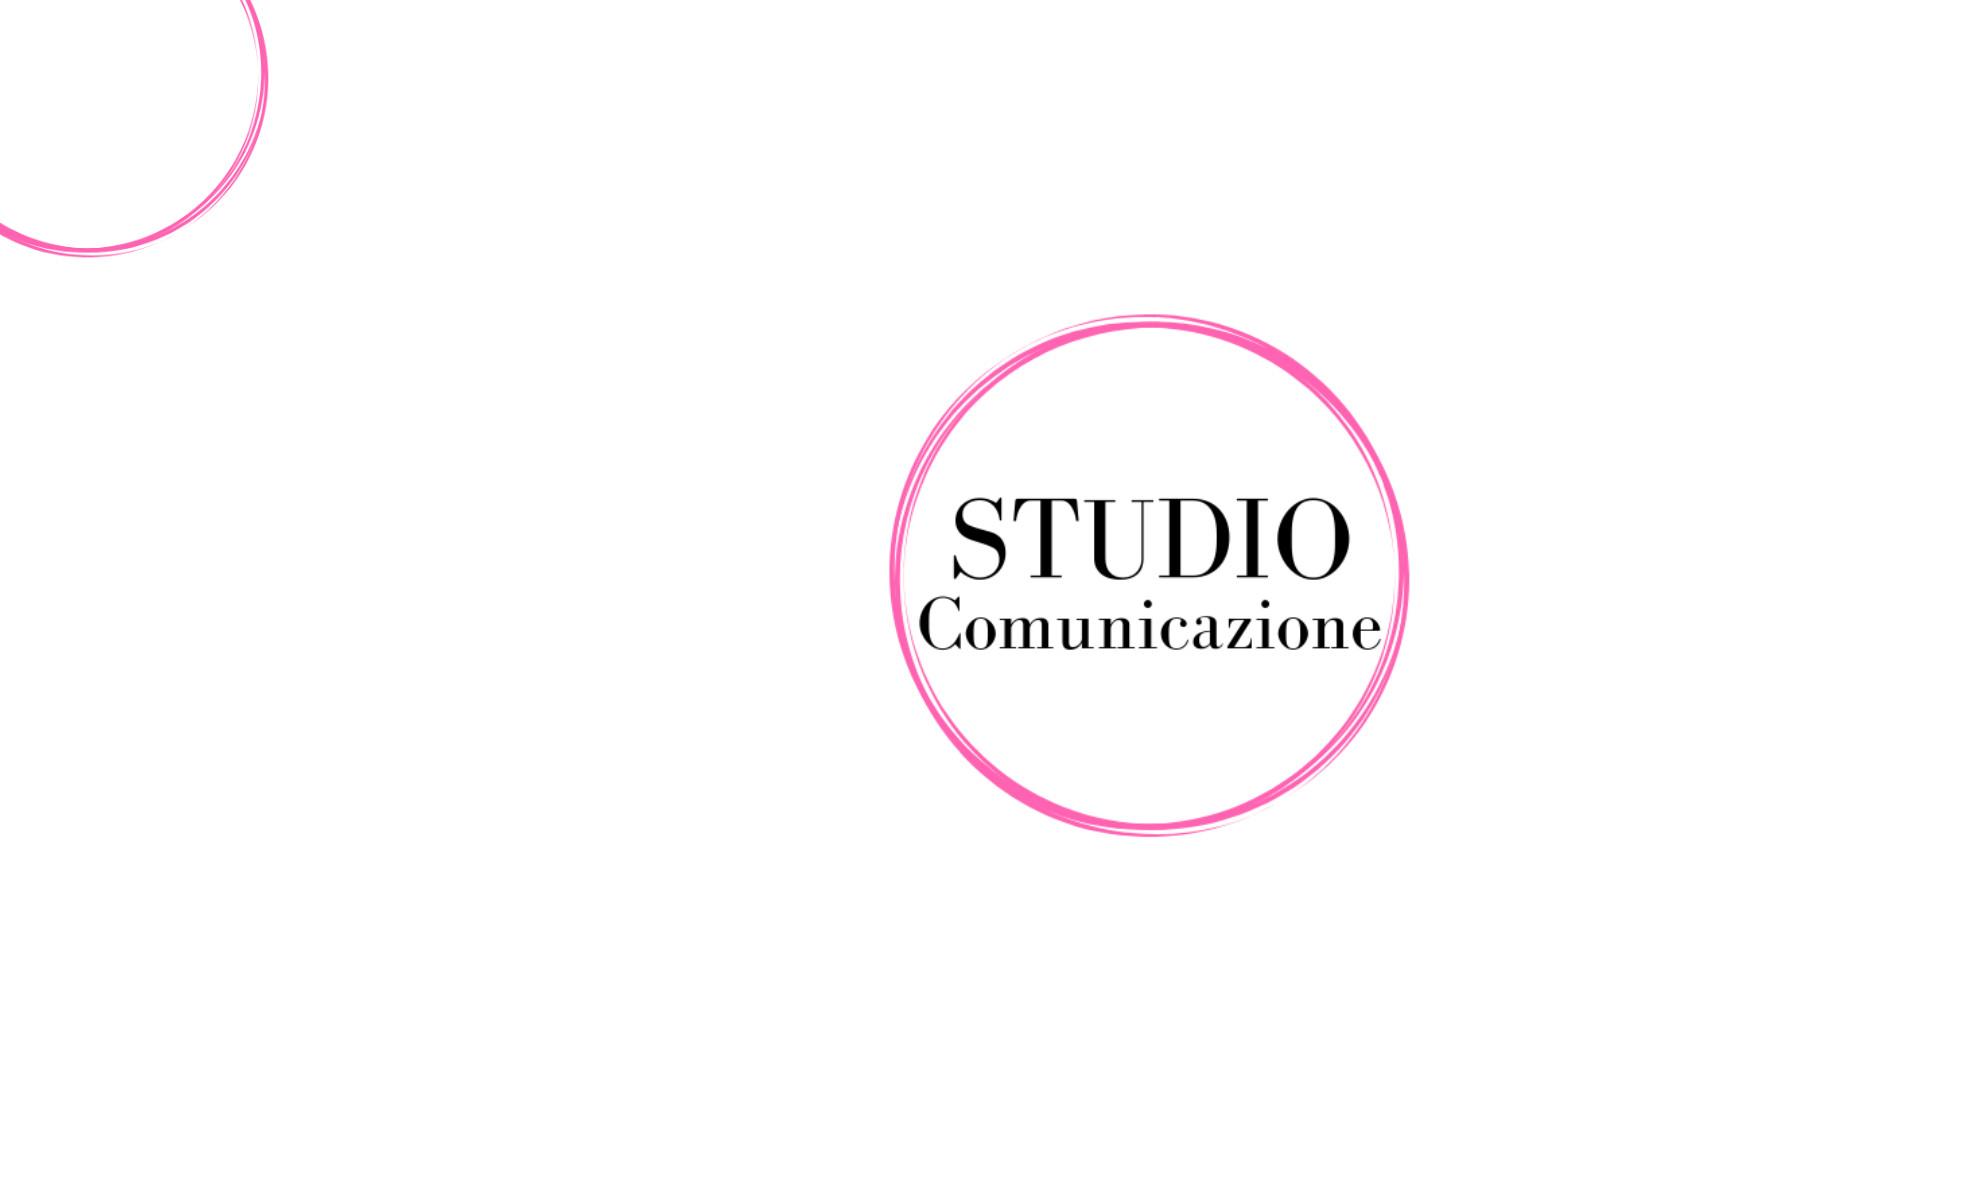 Studio Comunicazione